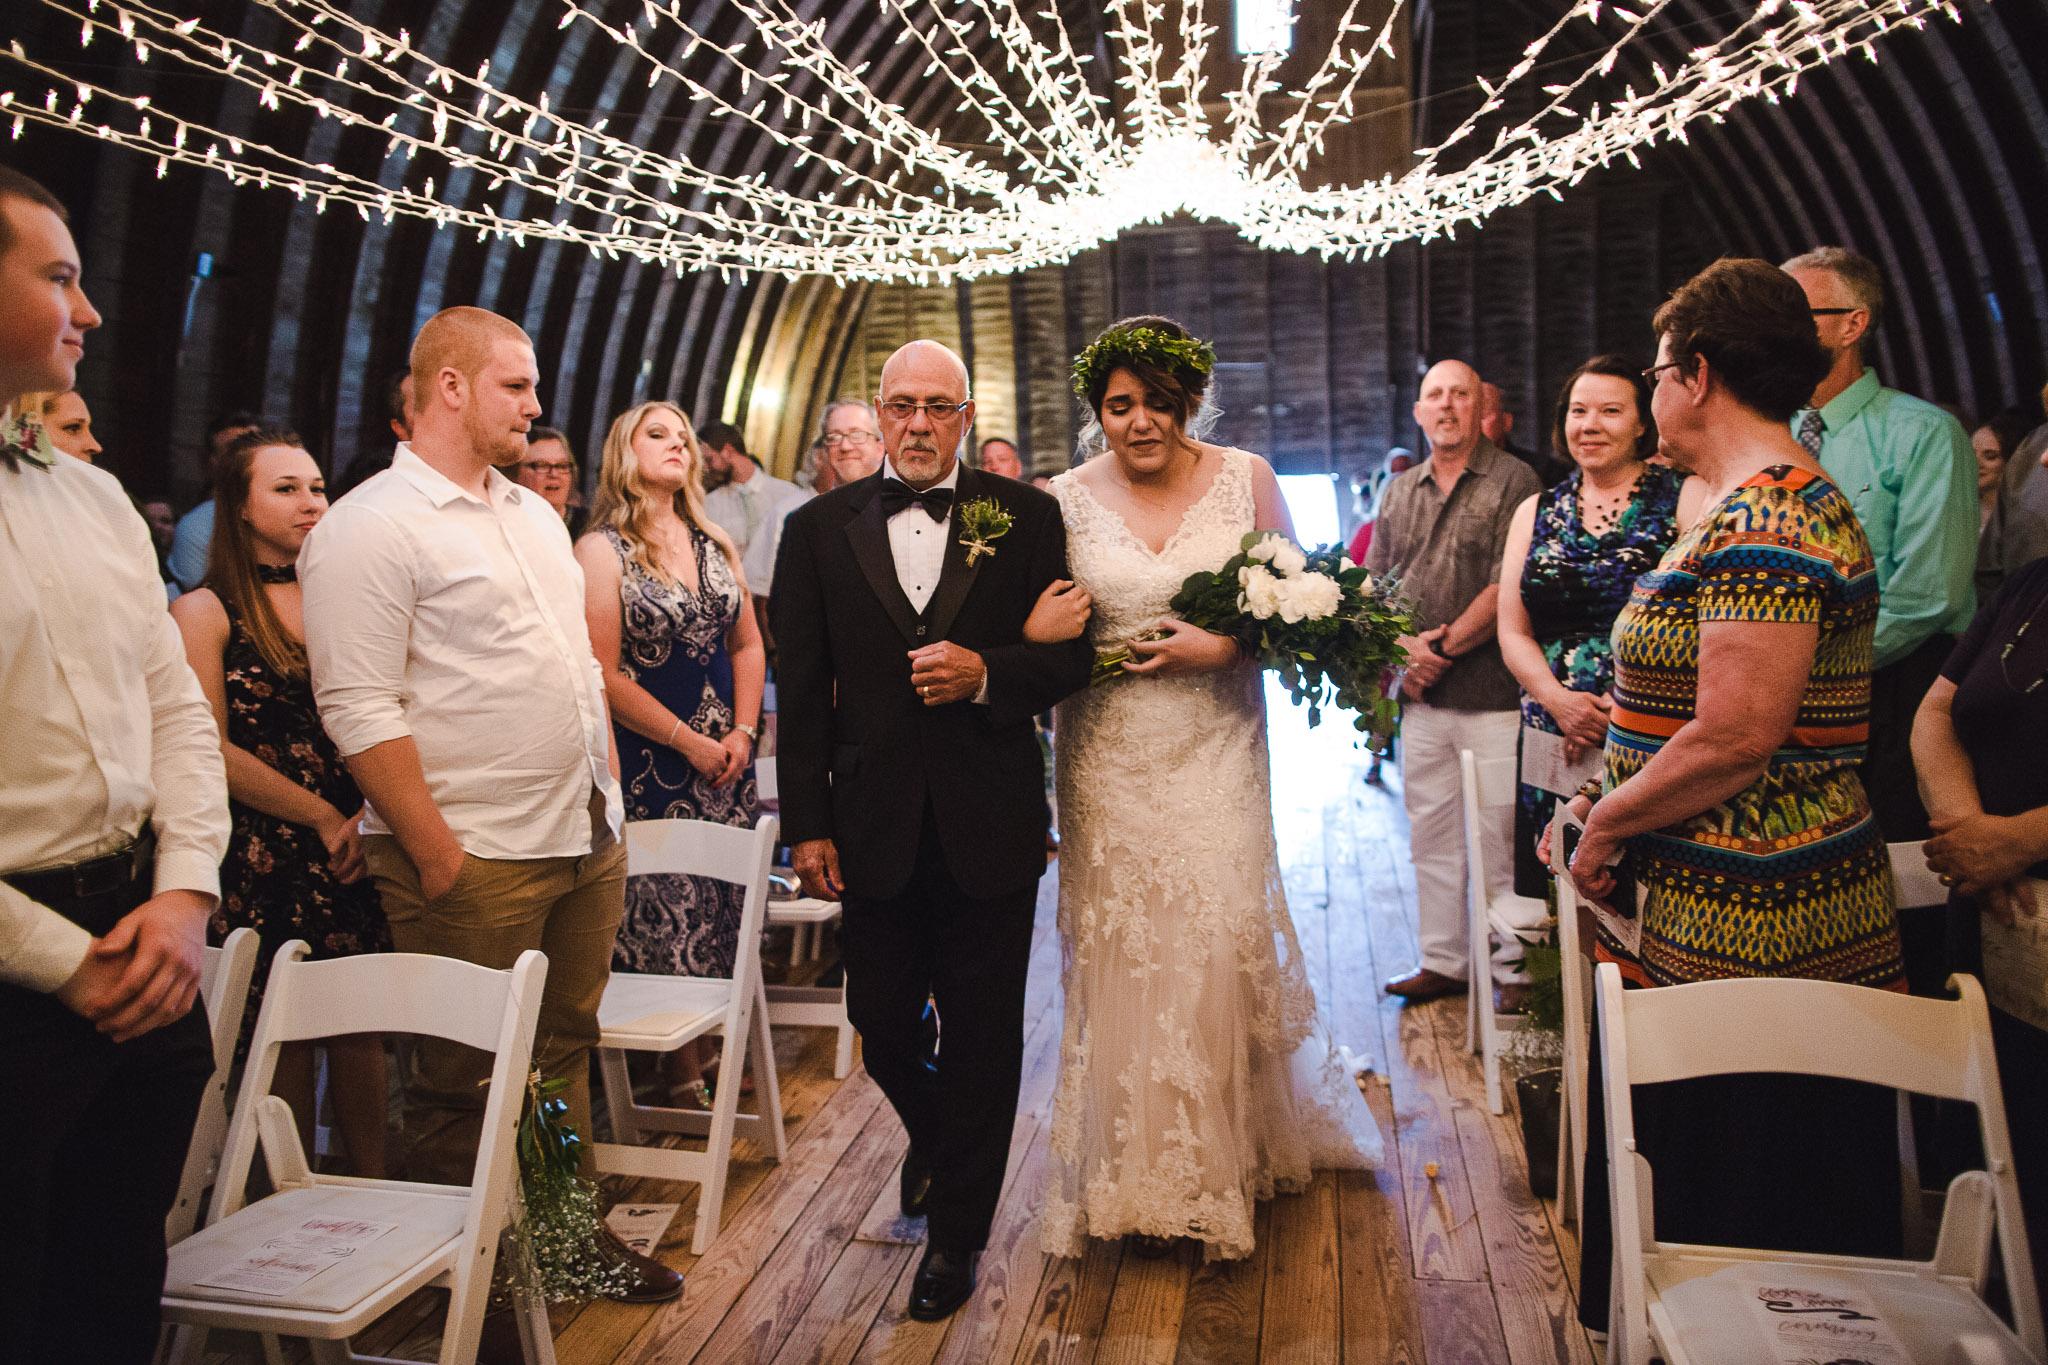 Toledo-Wedding-Photographer (32 of 32).JPG